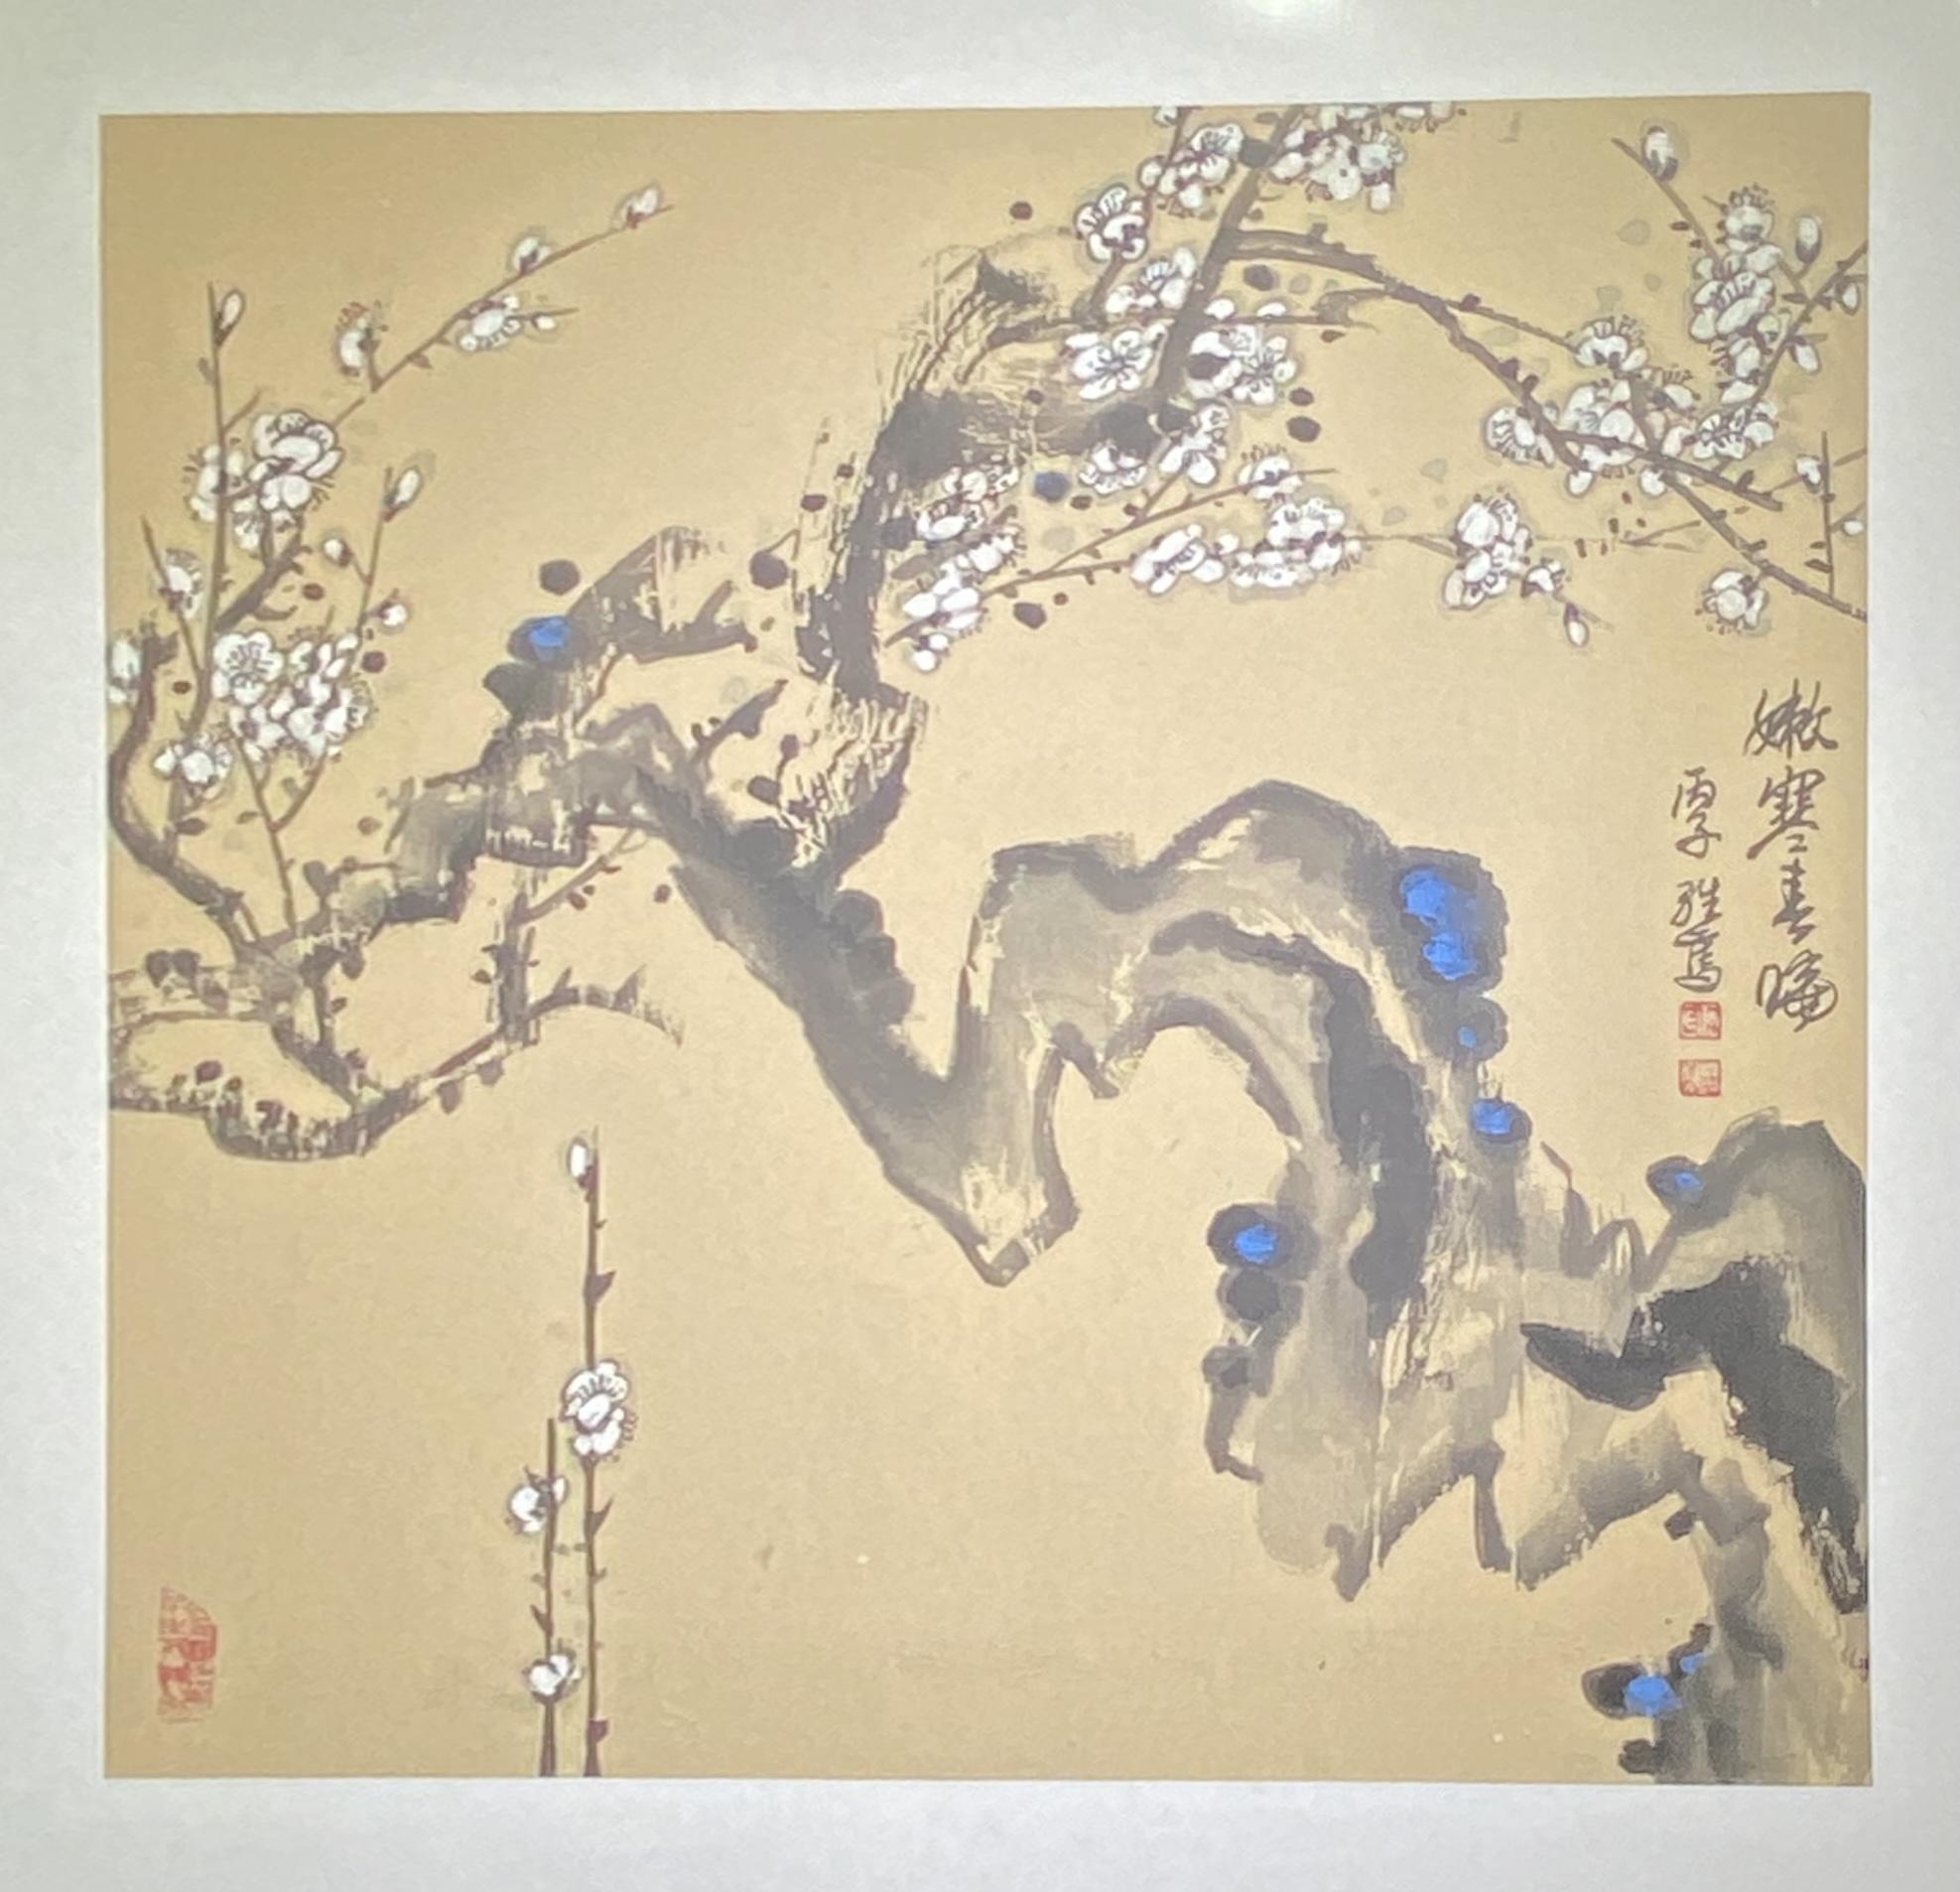 嫩寒春曉-1996-中国画-65×67-「丹青を振りかけ、詩情を送る-何継篤個人書画展」成都市美術館